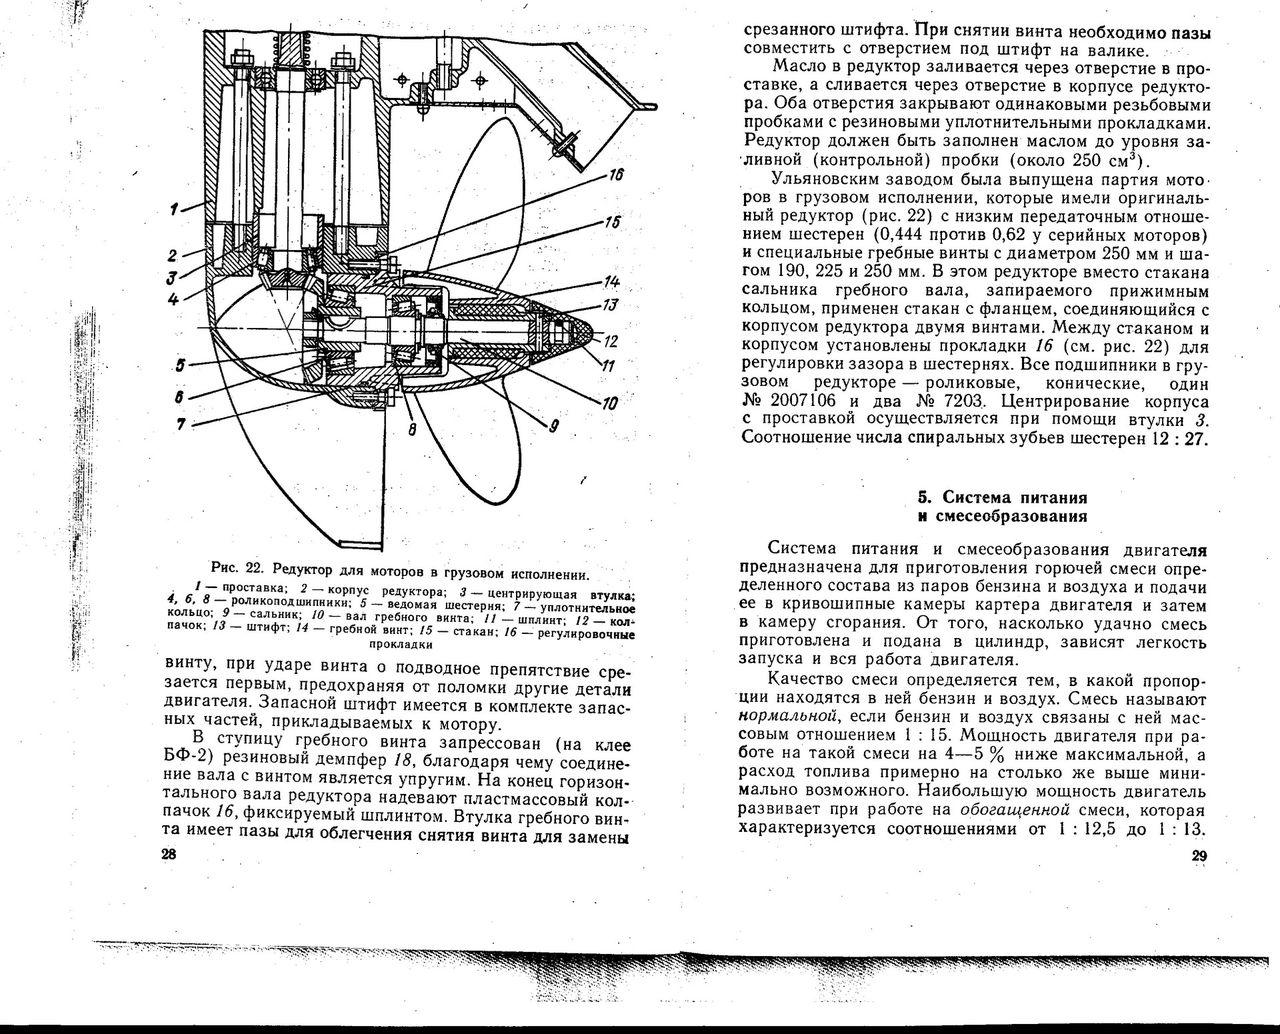 как увеличить скорость мотора ветерок 8